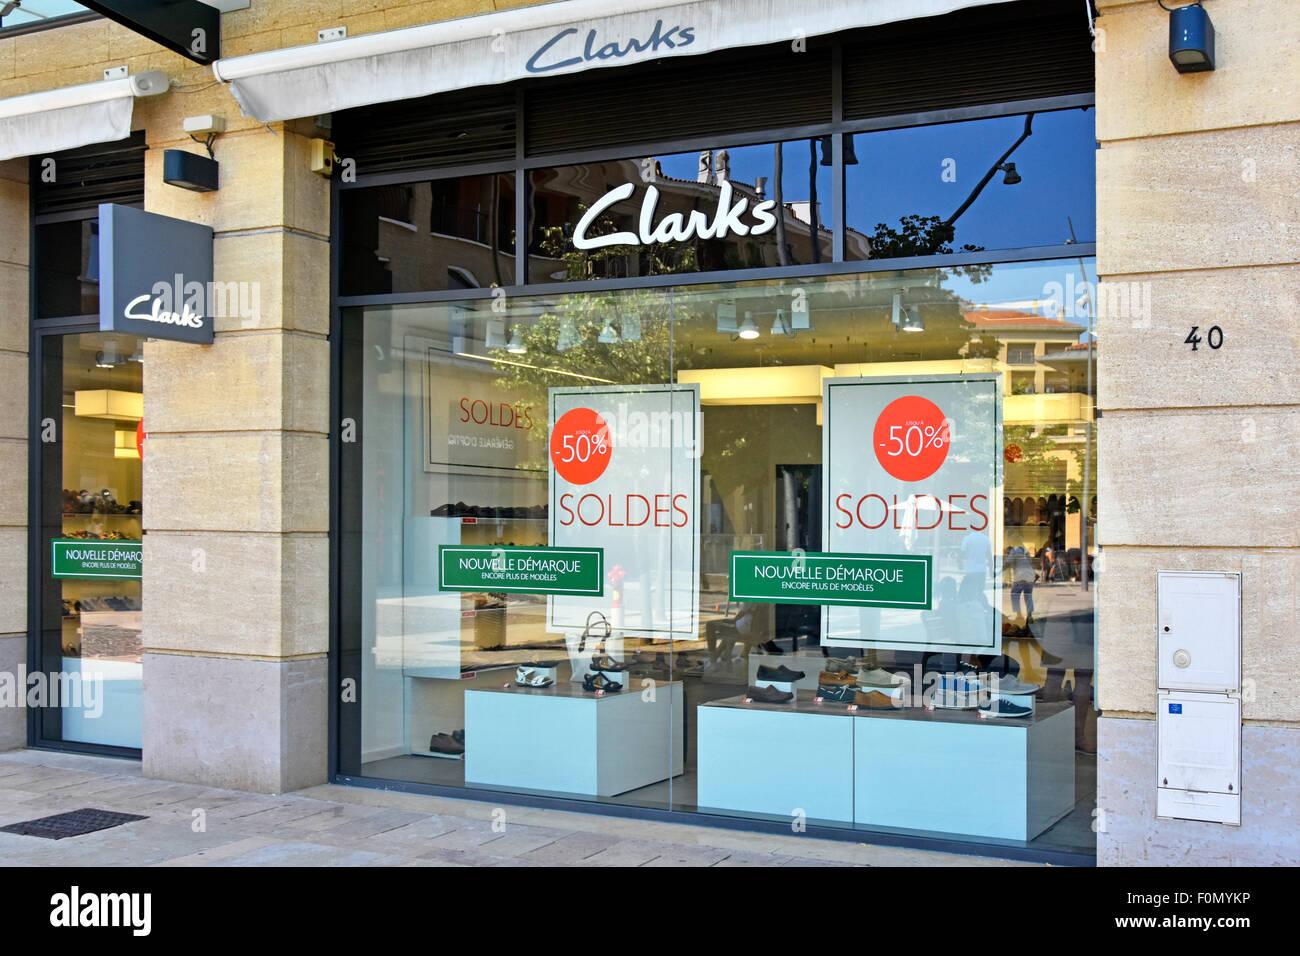 clarks shop sale